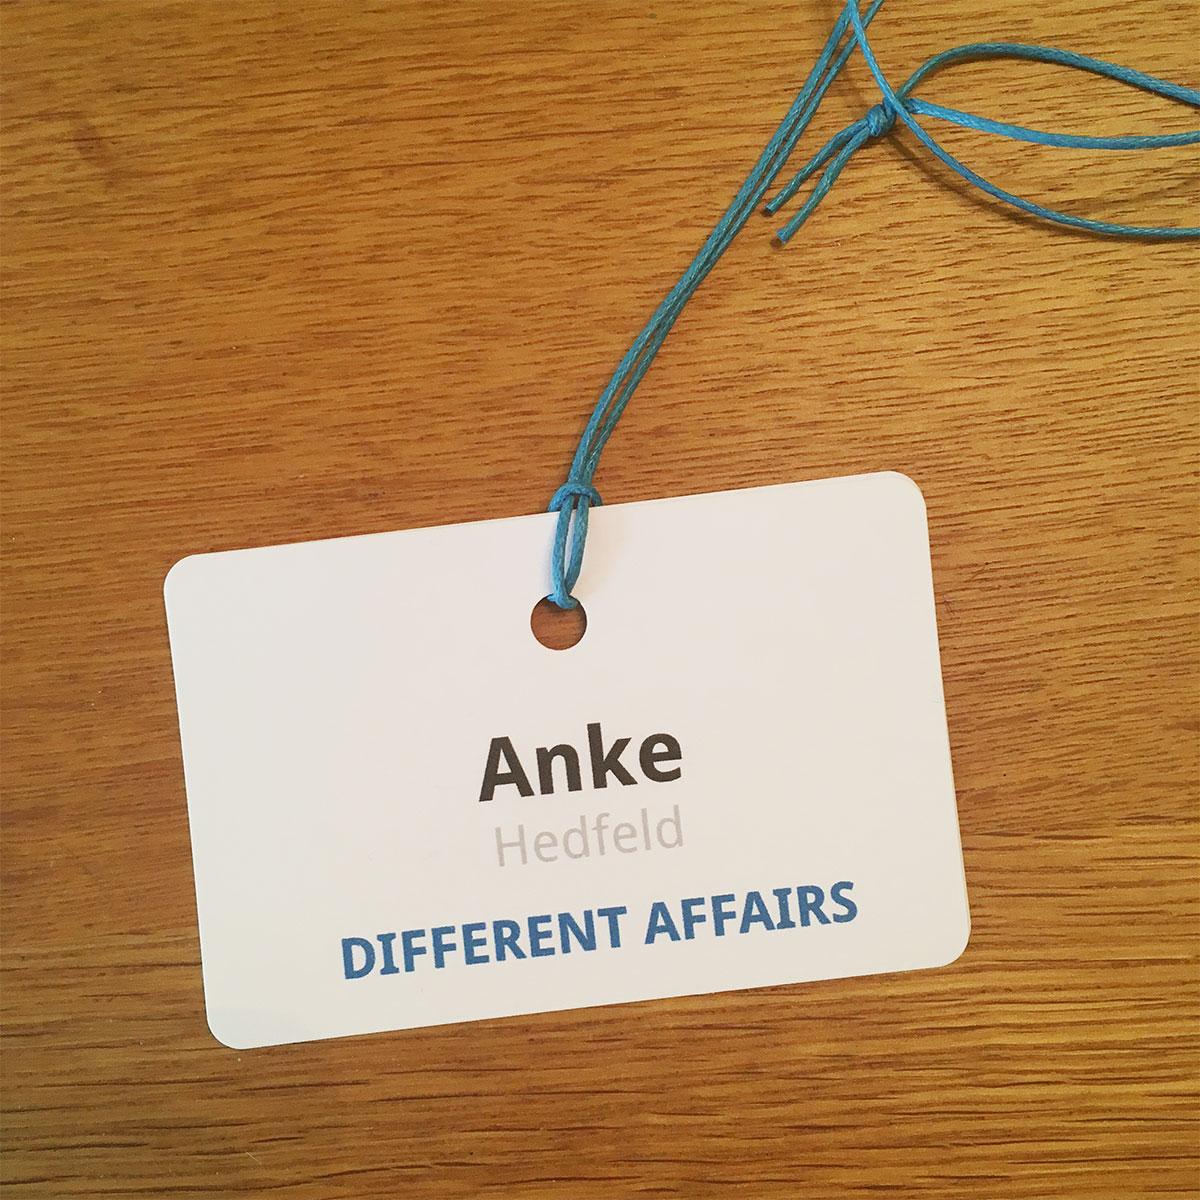 """Ein Namensschild """"Anke Hedfeld - Different Affairs"""" liegt auf einem Tisch"""